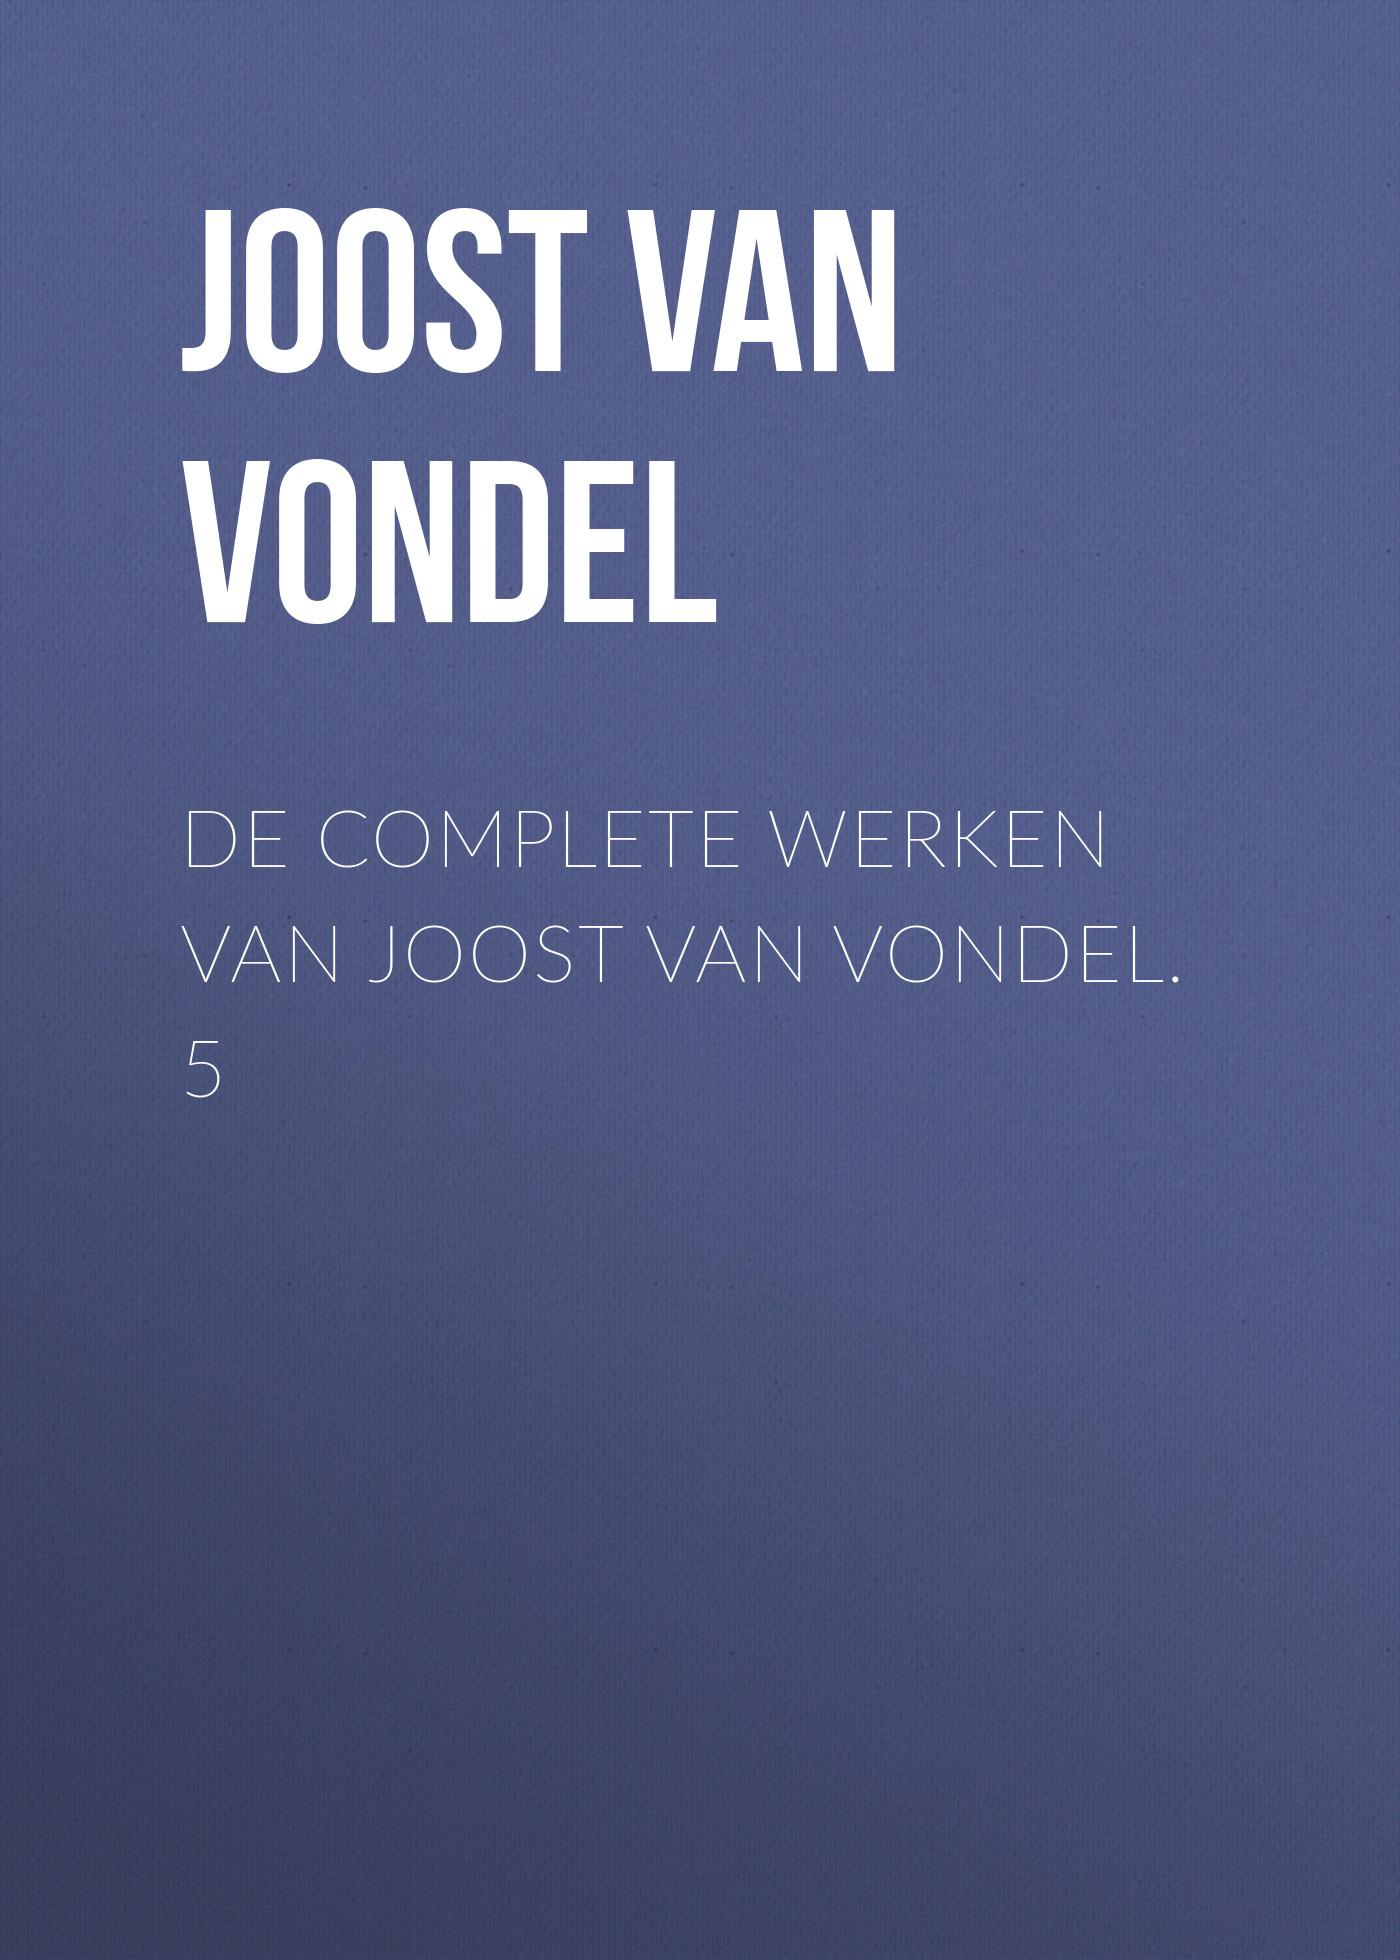 Joost van den Vondel De complete werken van Joost van Vondel. 5 joost van den vondel de complete werken van joost van vondel 3